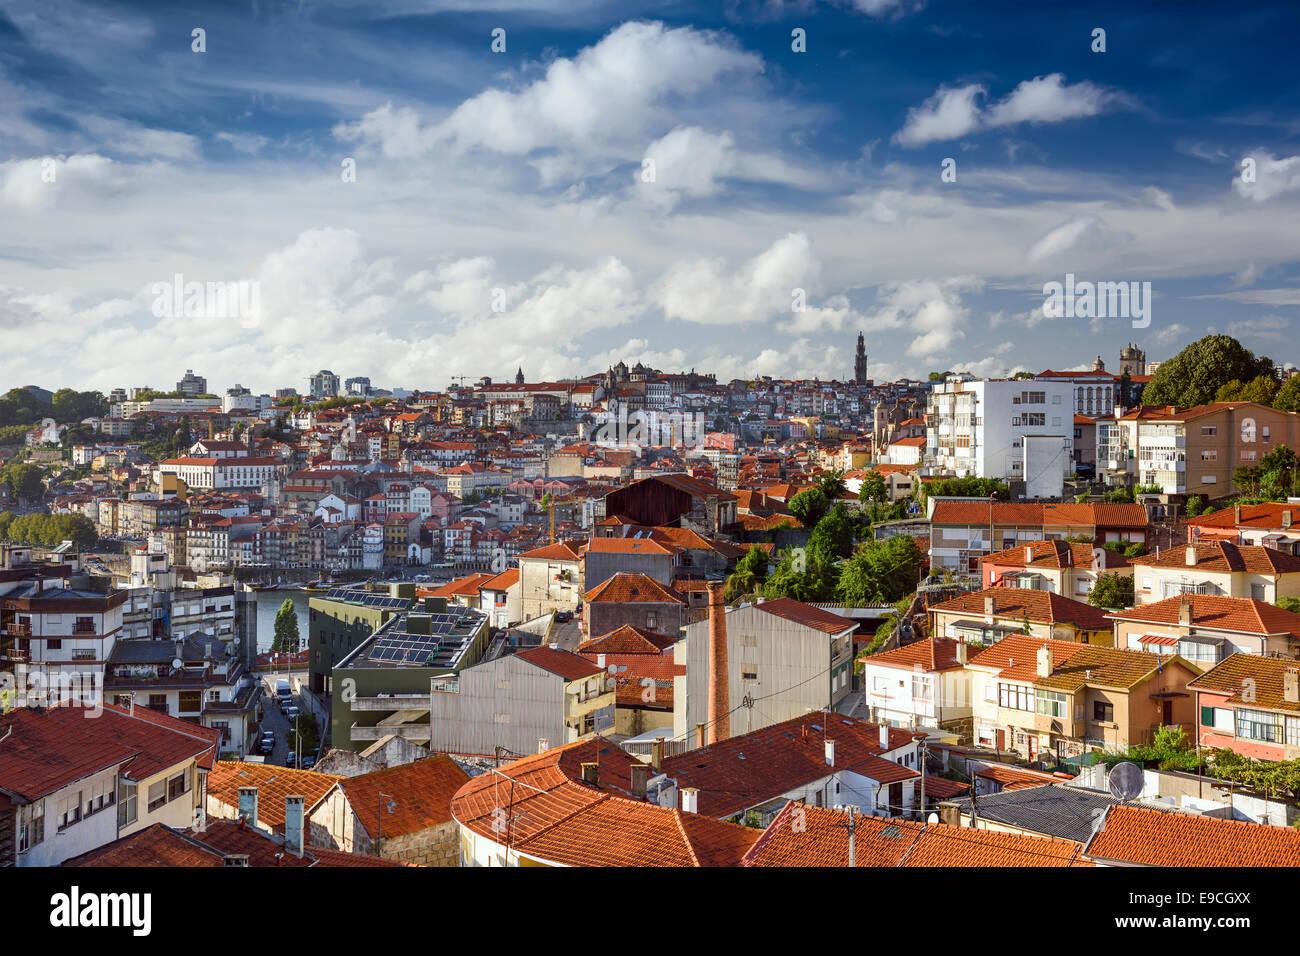 Porto, Portugal cityscape. - Stock Image